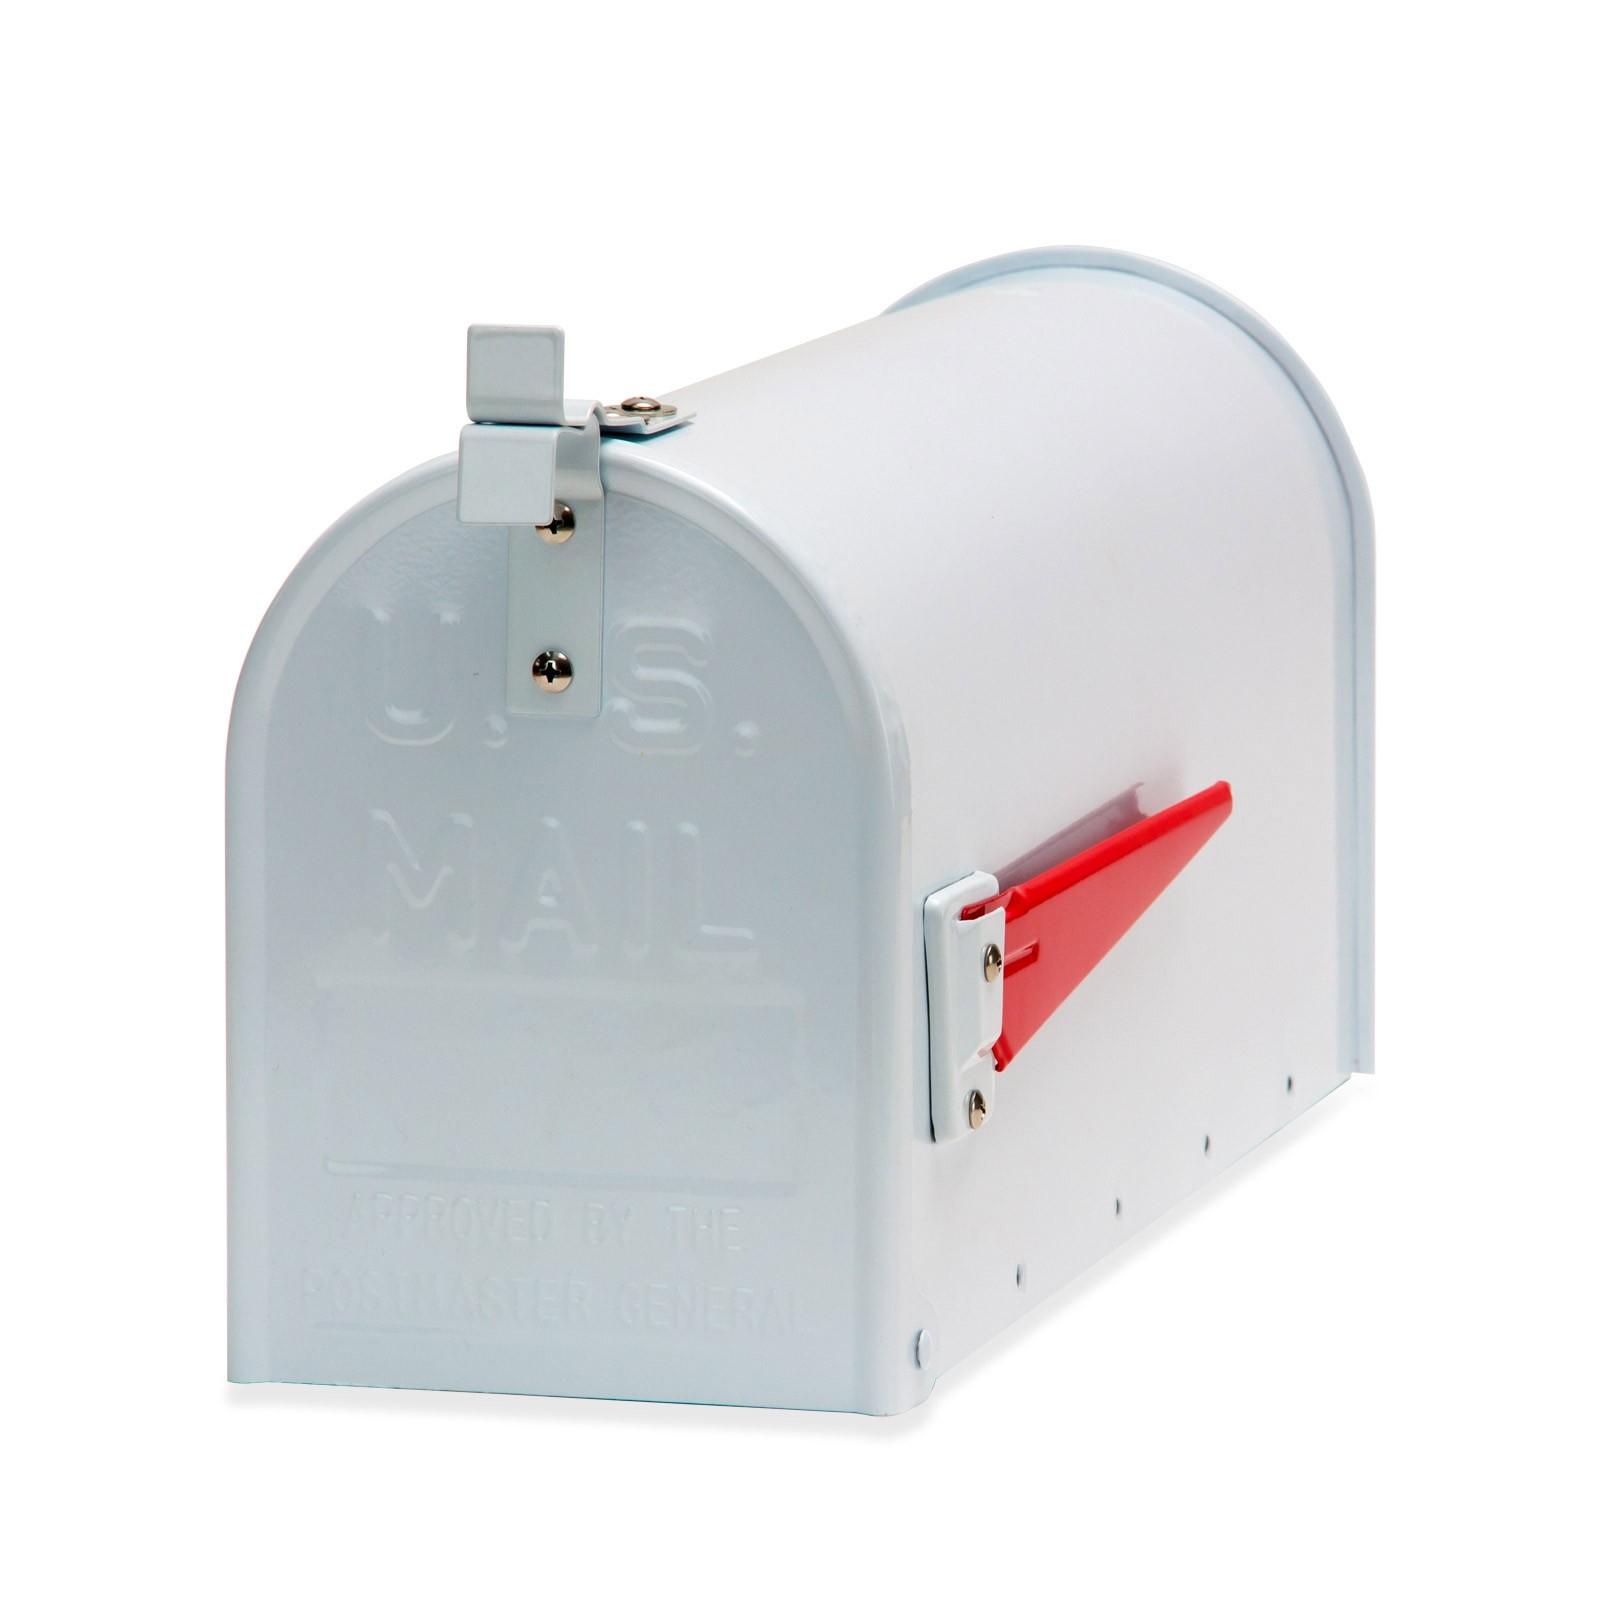 Dema Amerikanischer Briefkasten American Mailbox Zeitungsrolle Postkasten Alu weiß 40756